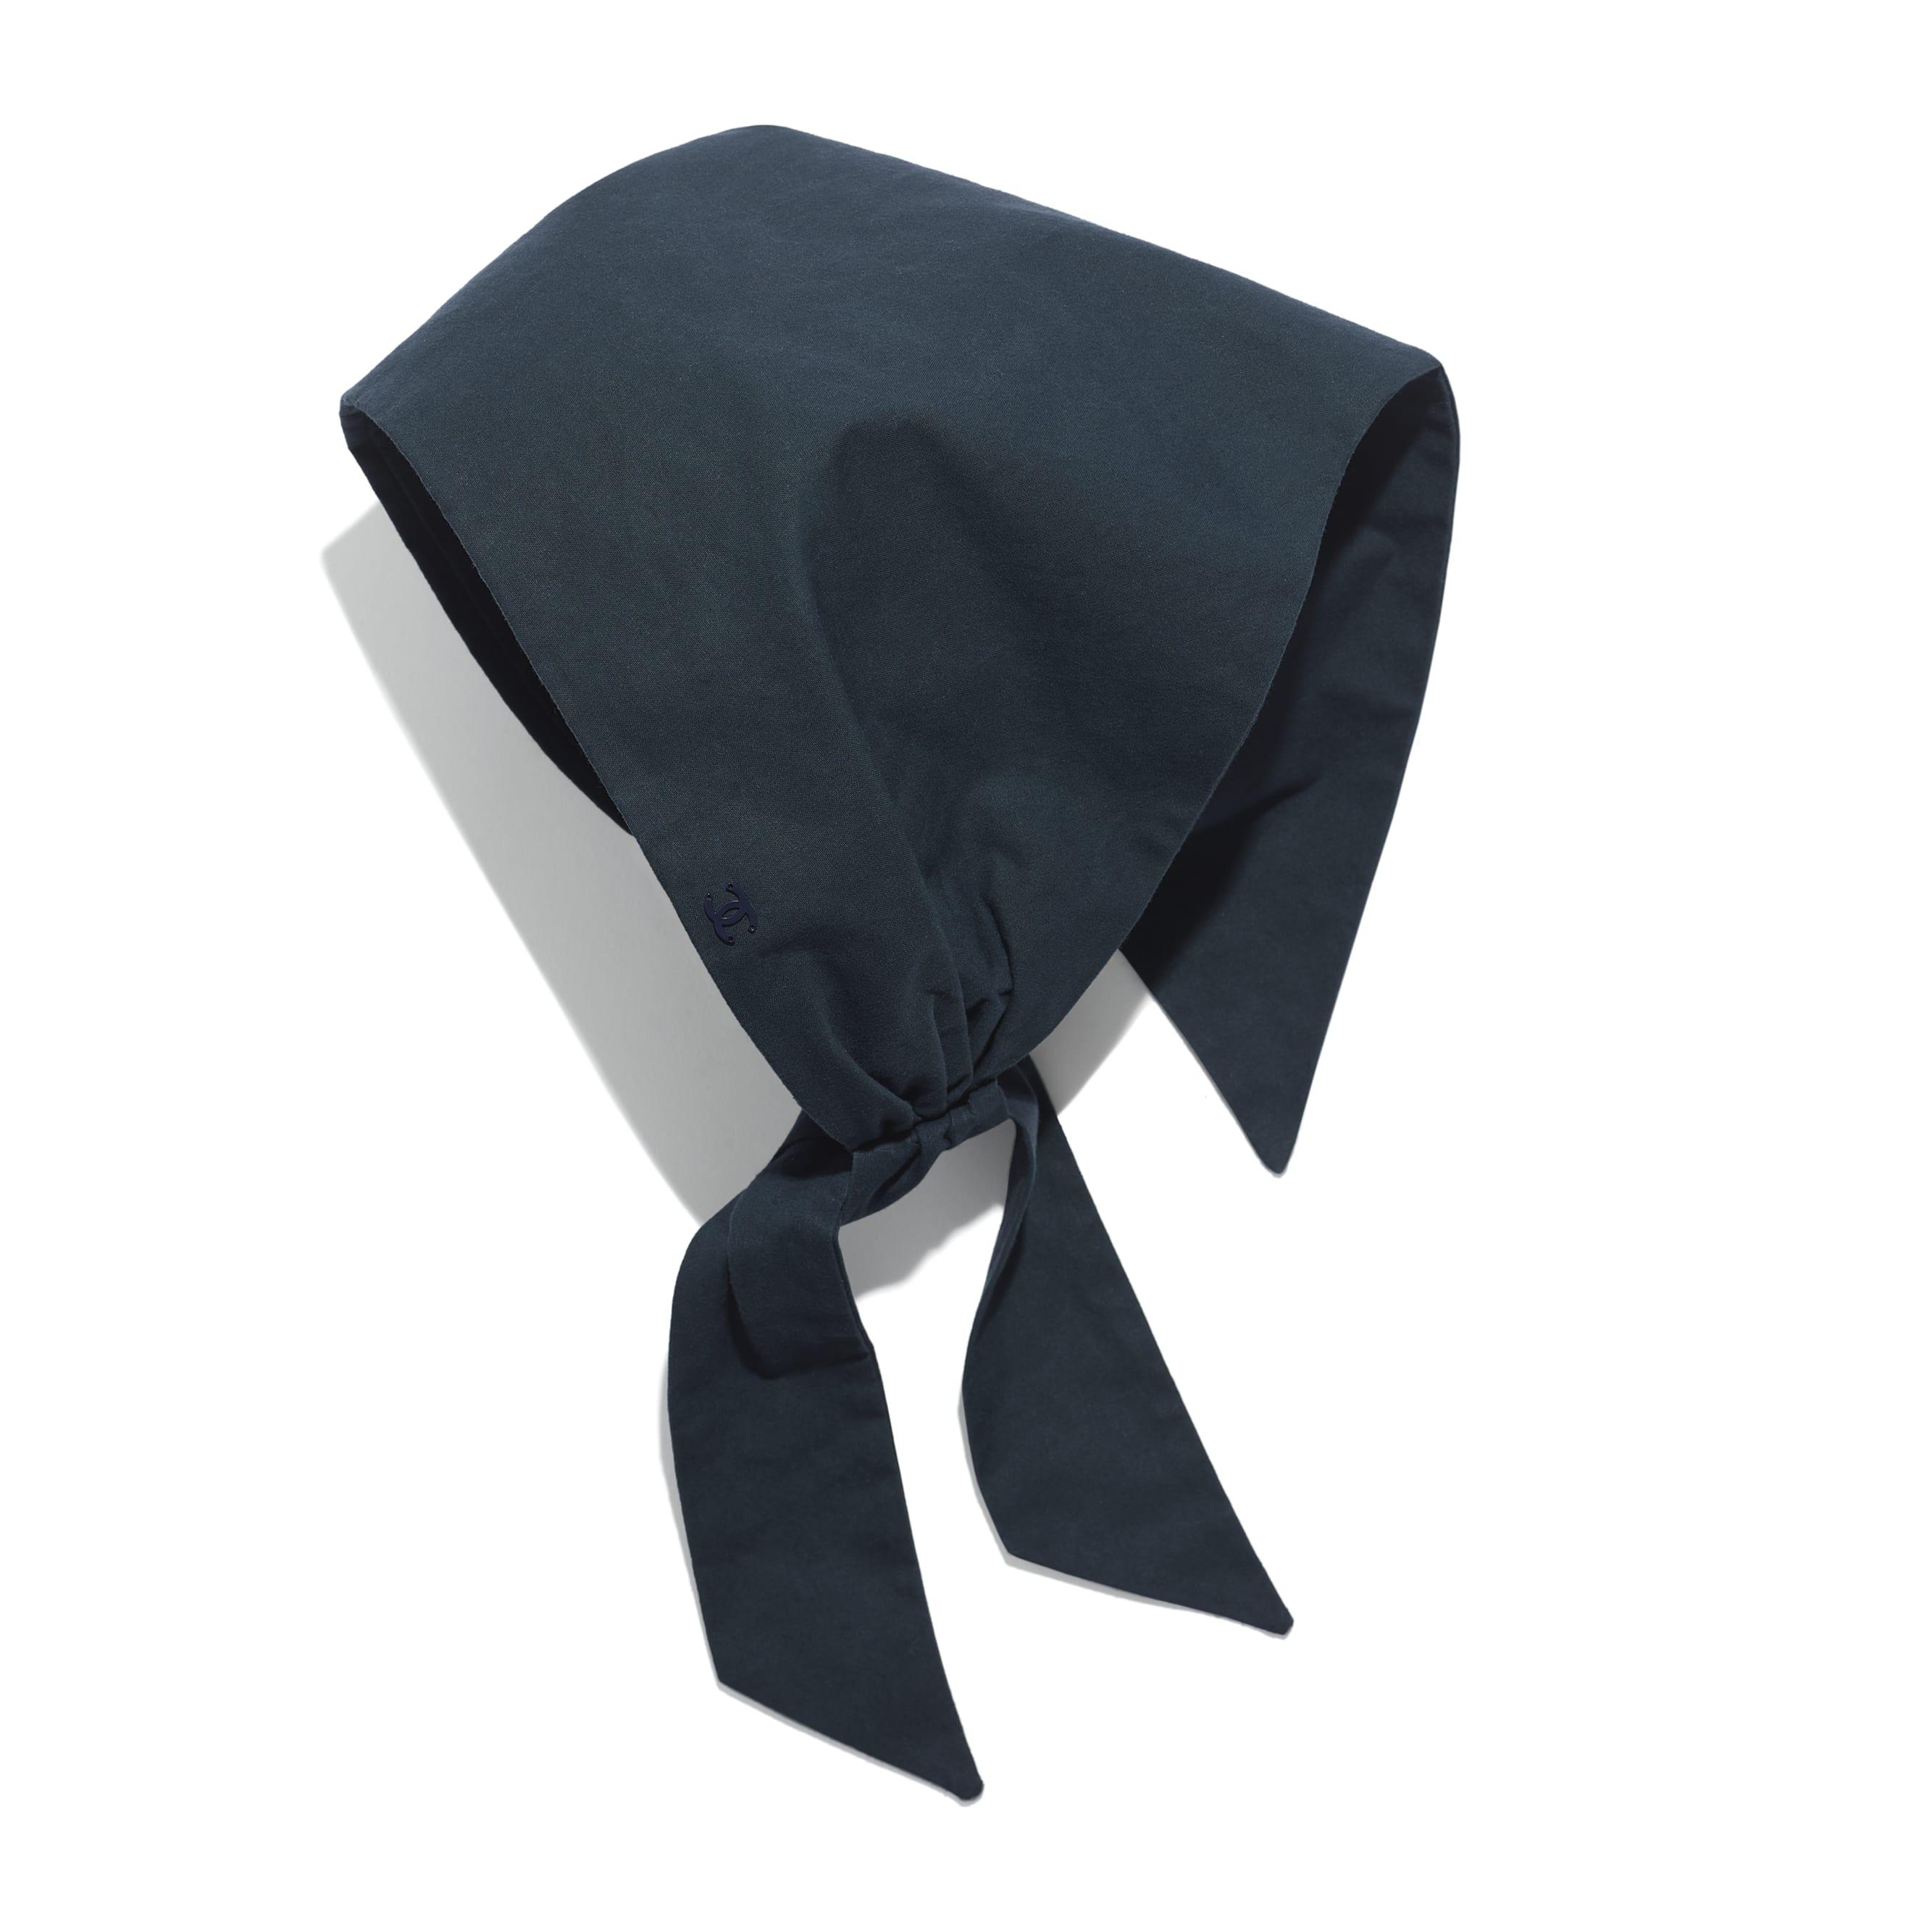 頭巾 - 海軍藍 - 棉 - 預設視圖 - 查看標準尺寸版本